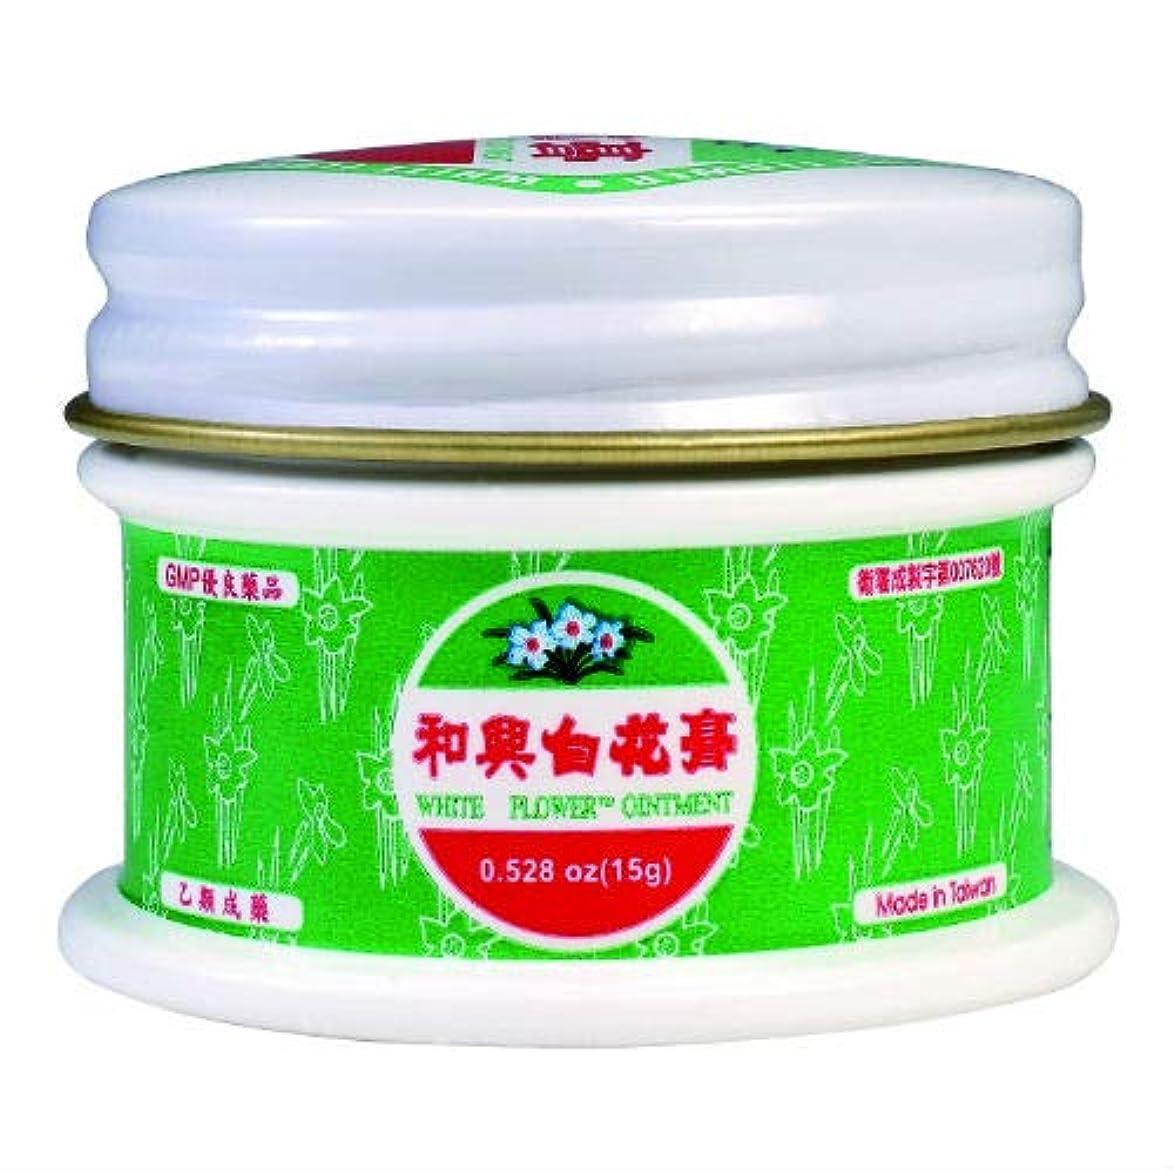 マウンド容量ドライバ台湾 純正版 白花膏 15g( 白花油軟膏タイプ )